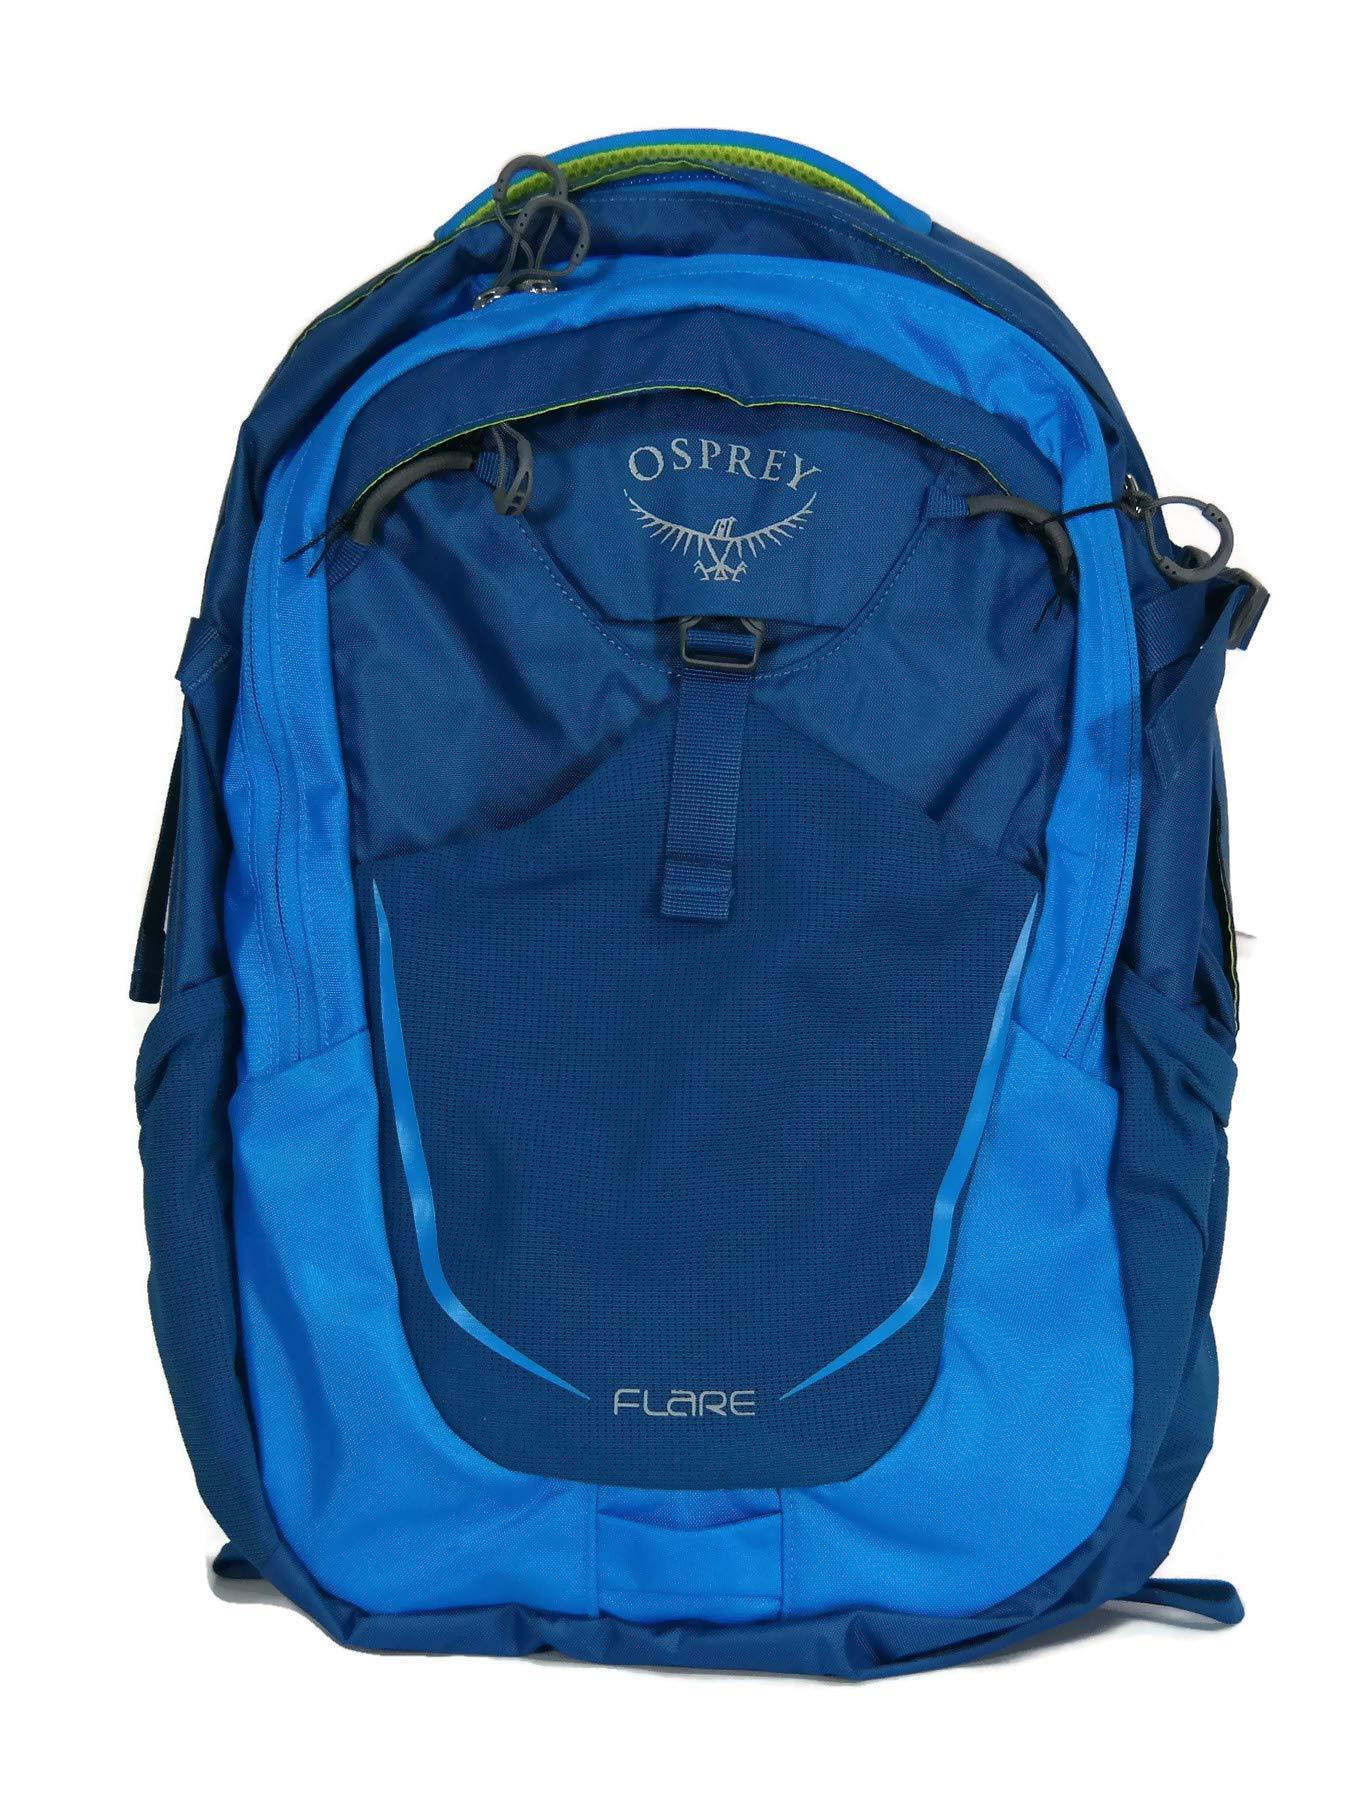 Osprey Backpack - Osprey Flare 22 Backpack